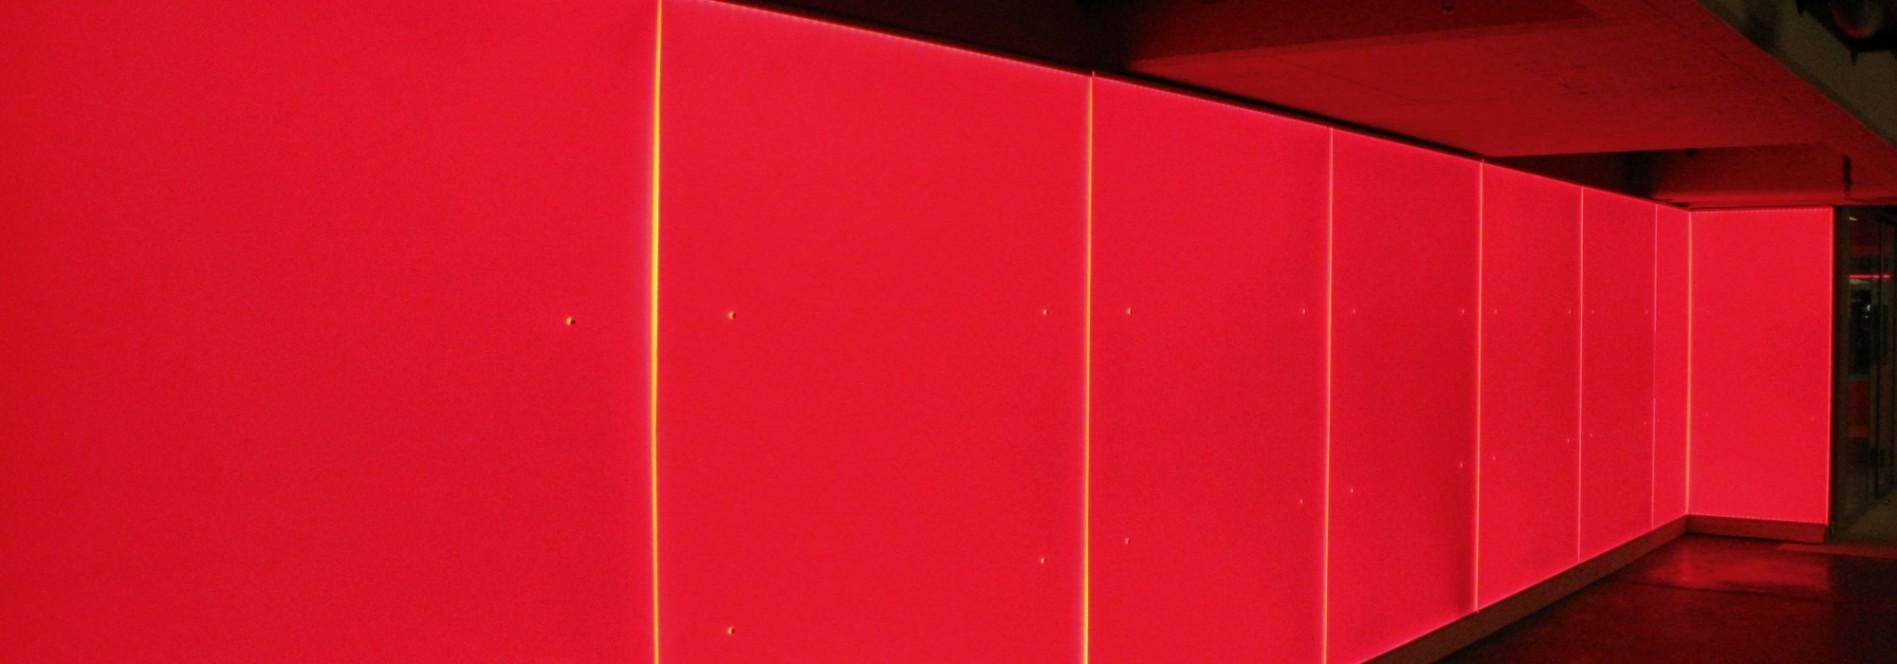 PLEXIGLAS® LED - Für Kantenbeleuchtung lichtleitend klar, extrudiert